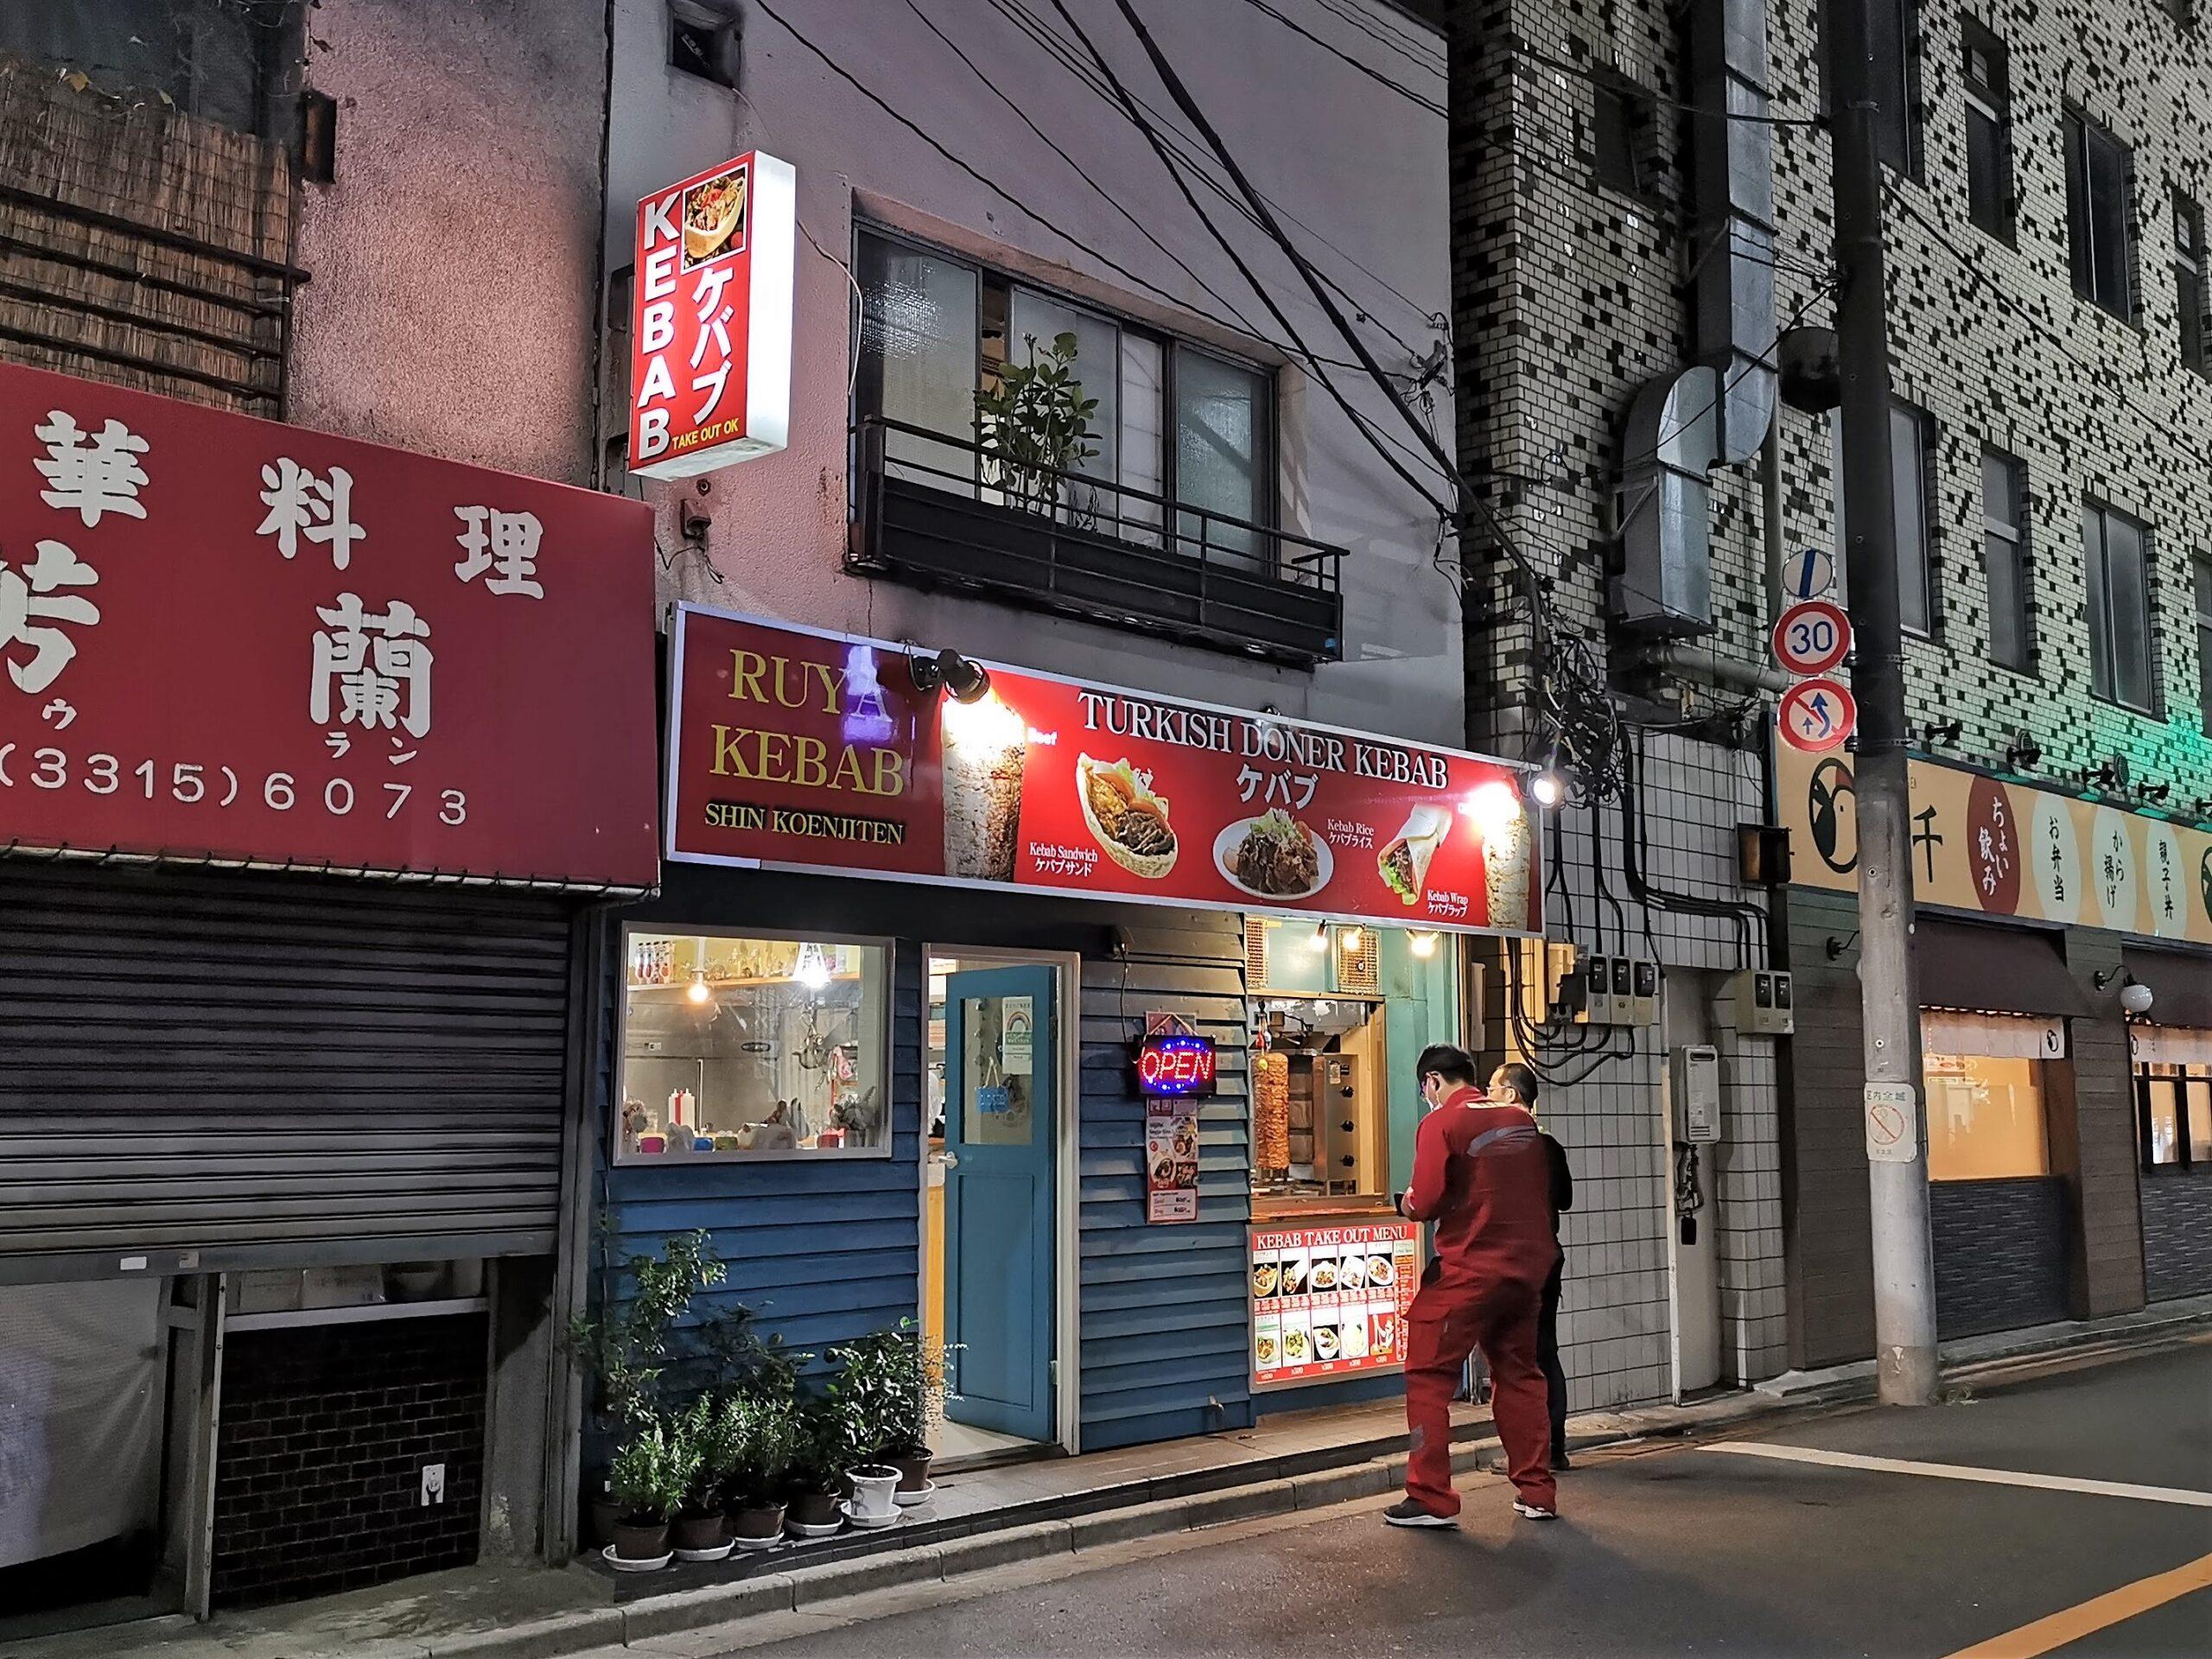 新高円寺 ルヤケバブ(RUYAKEBAB) (3)